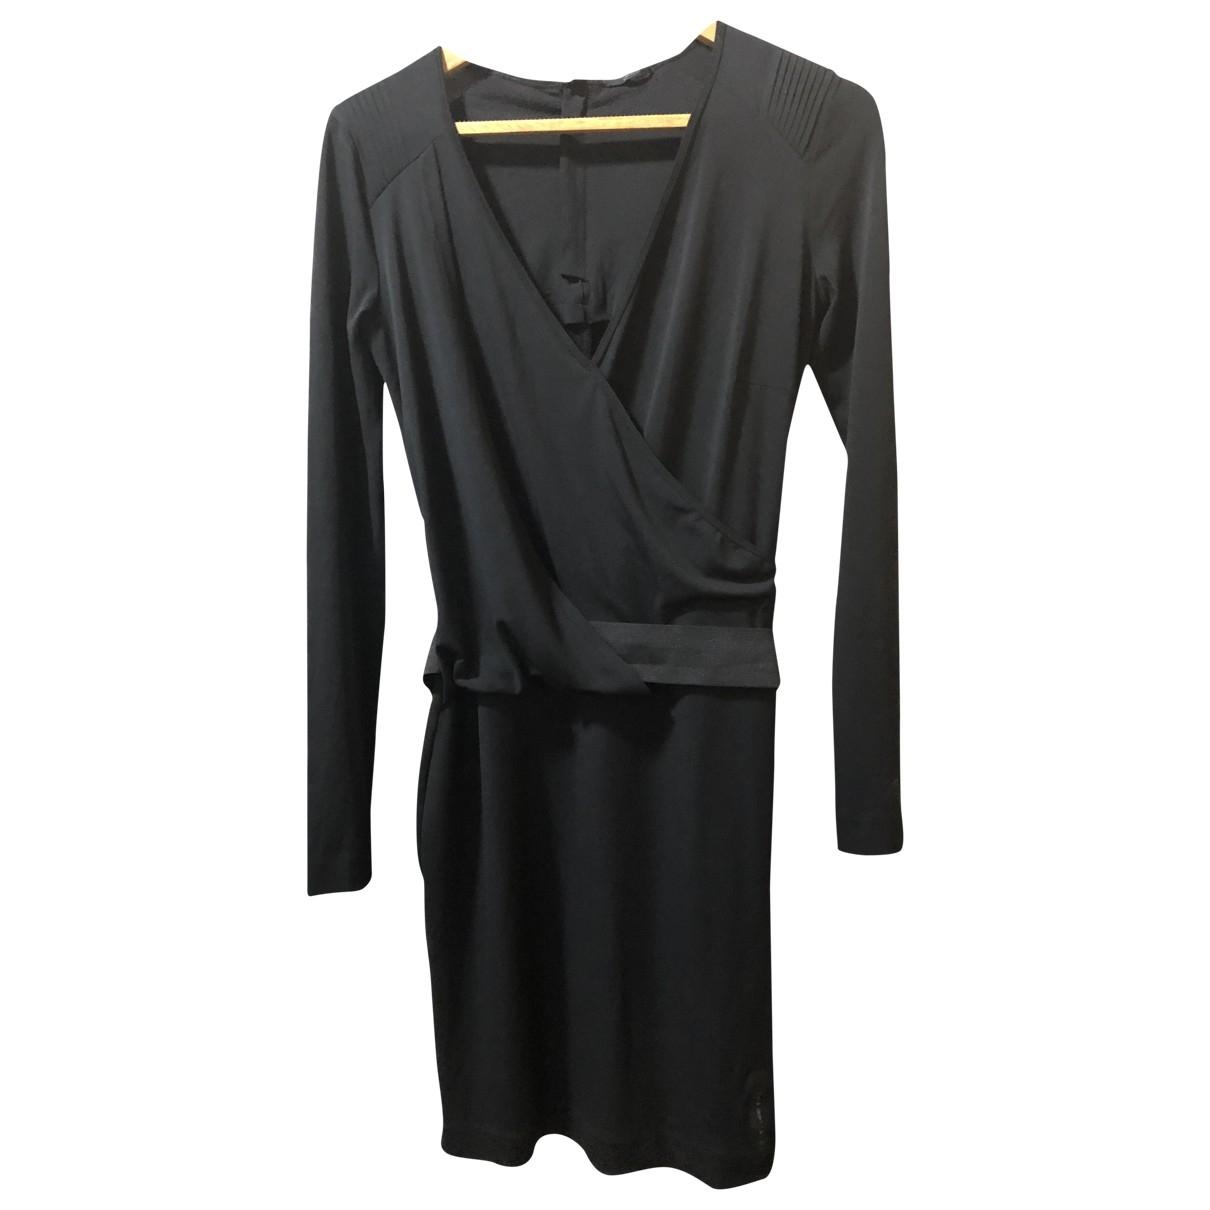 Ikks \N Black Cotton - elasthane dress for Women S International